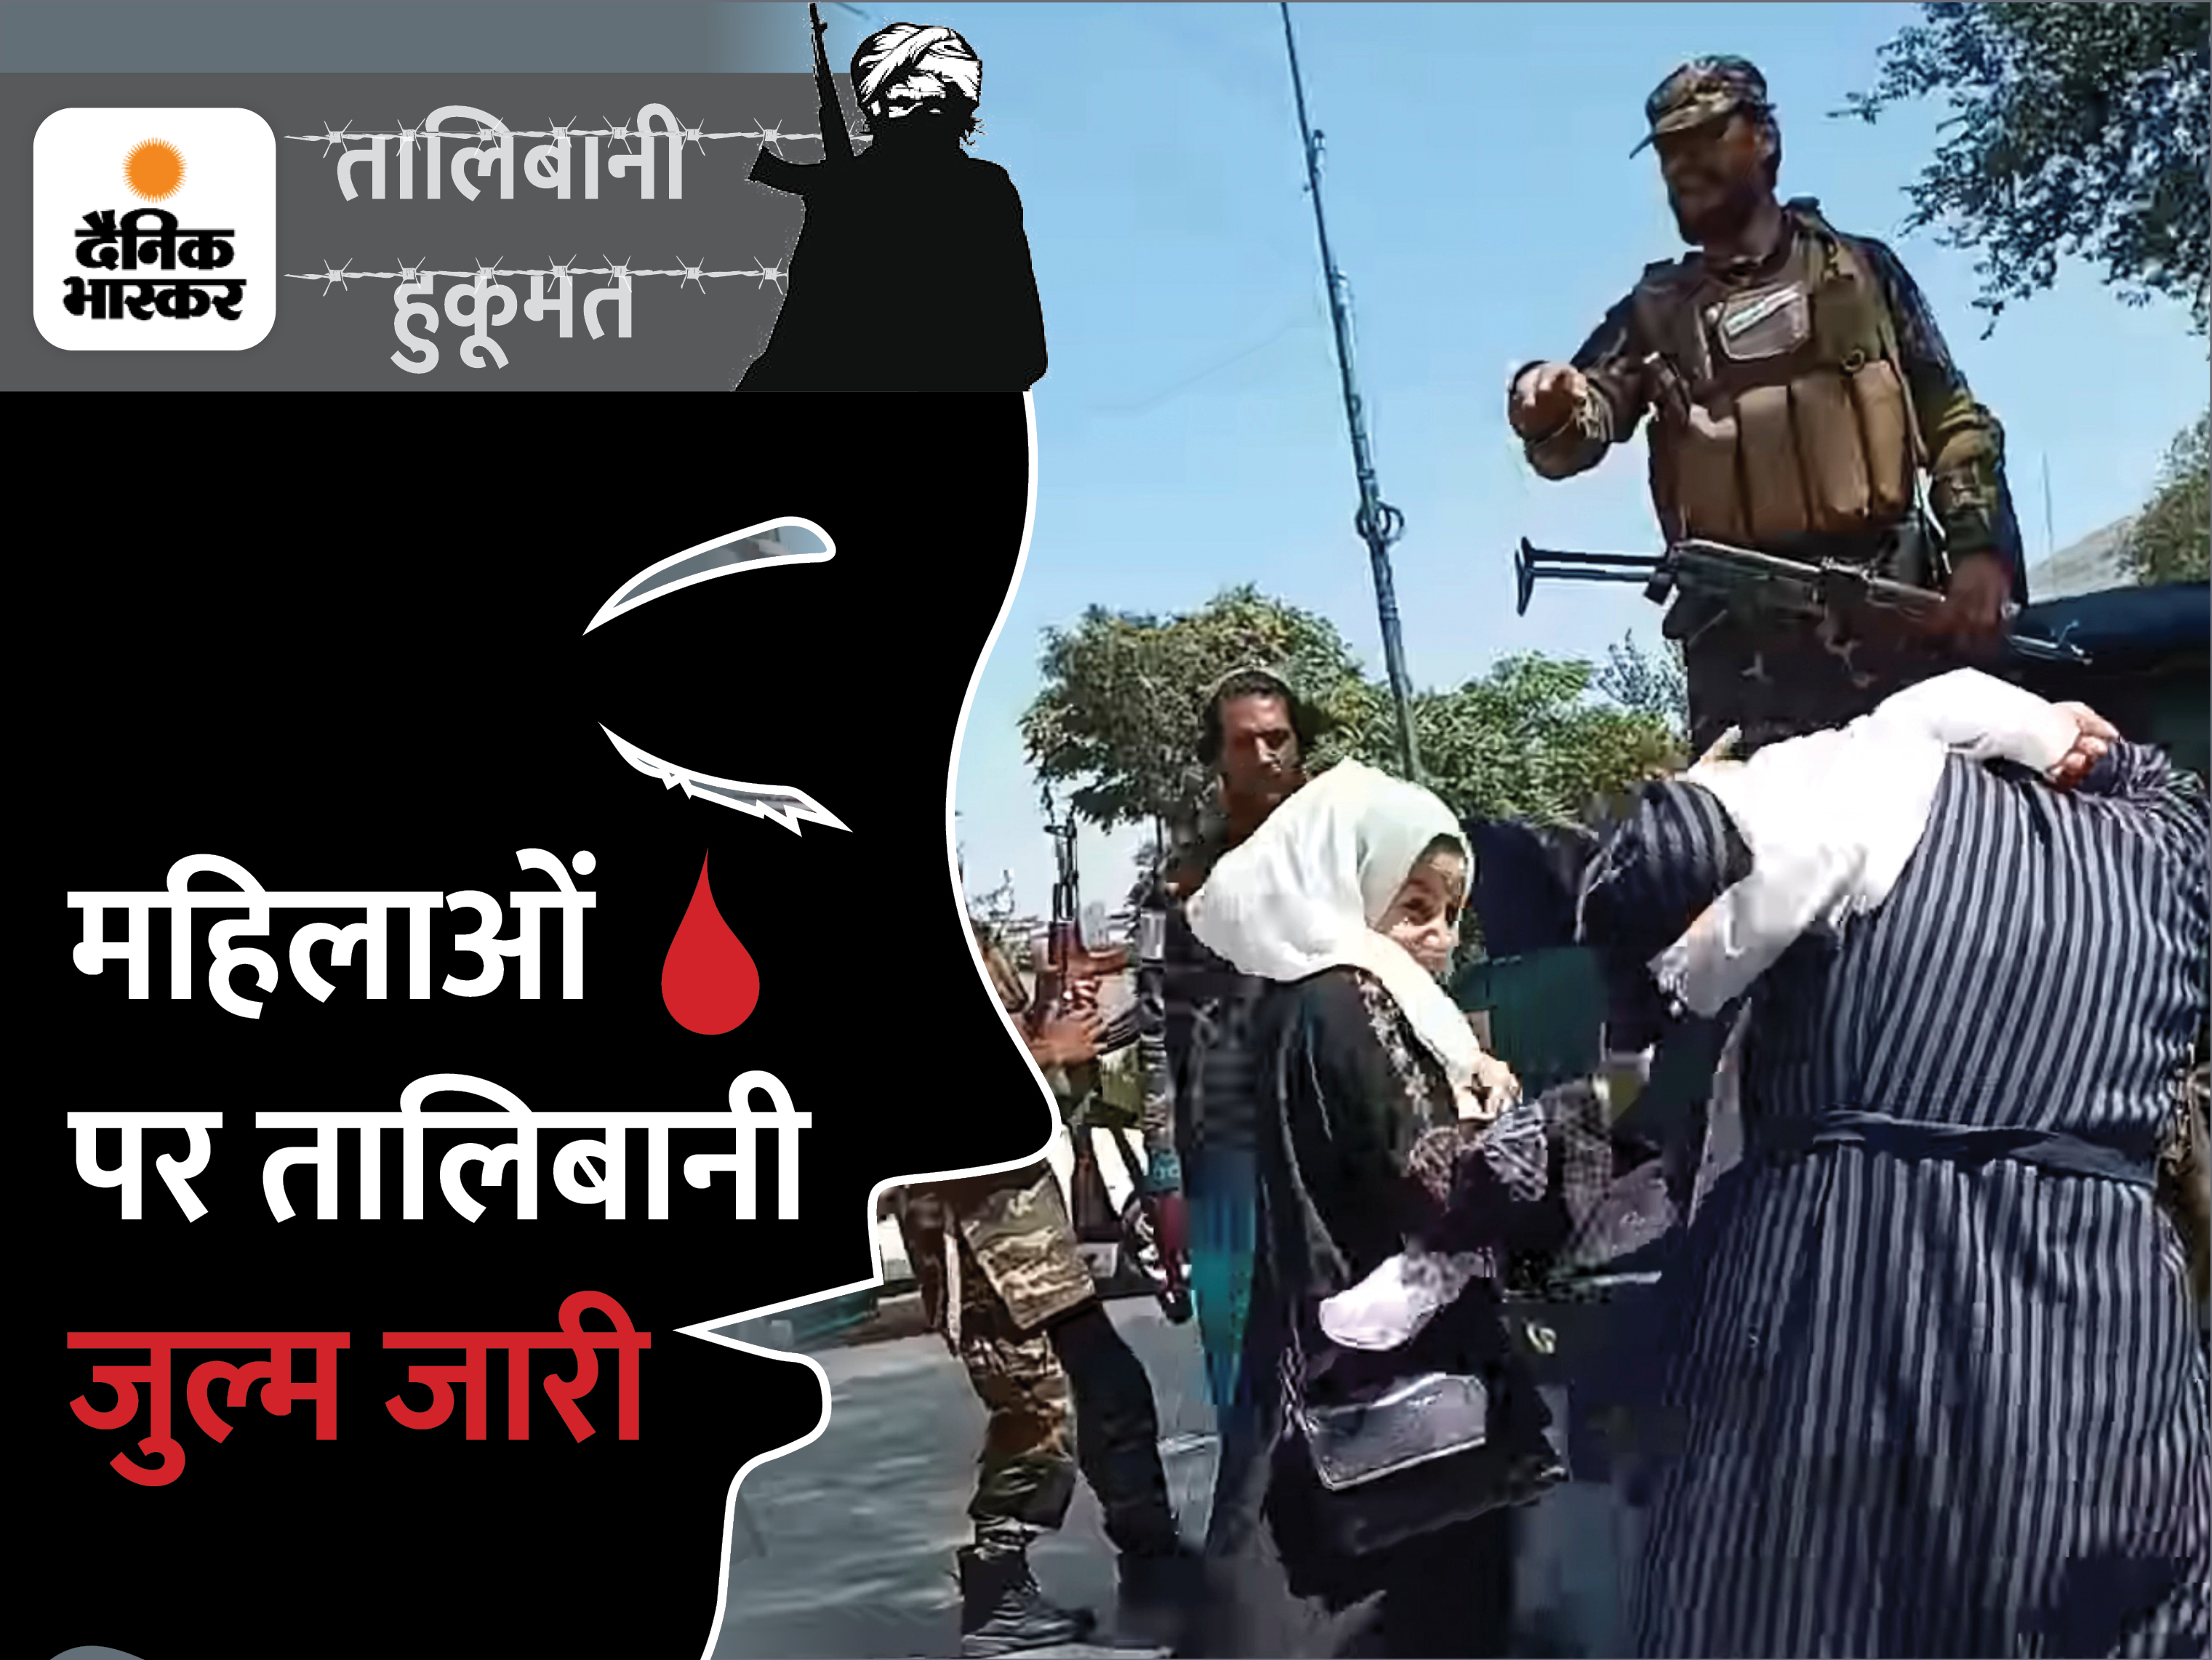 पंजशीर में आम नागरिकों का खून बहा रहा तालिबान, अब तक 20 लोगों की हत्या की|विदेश,International - Dainik Bhaskar